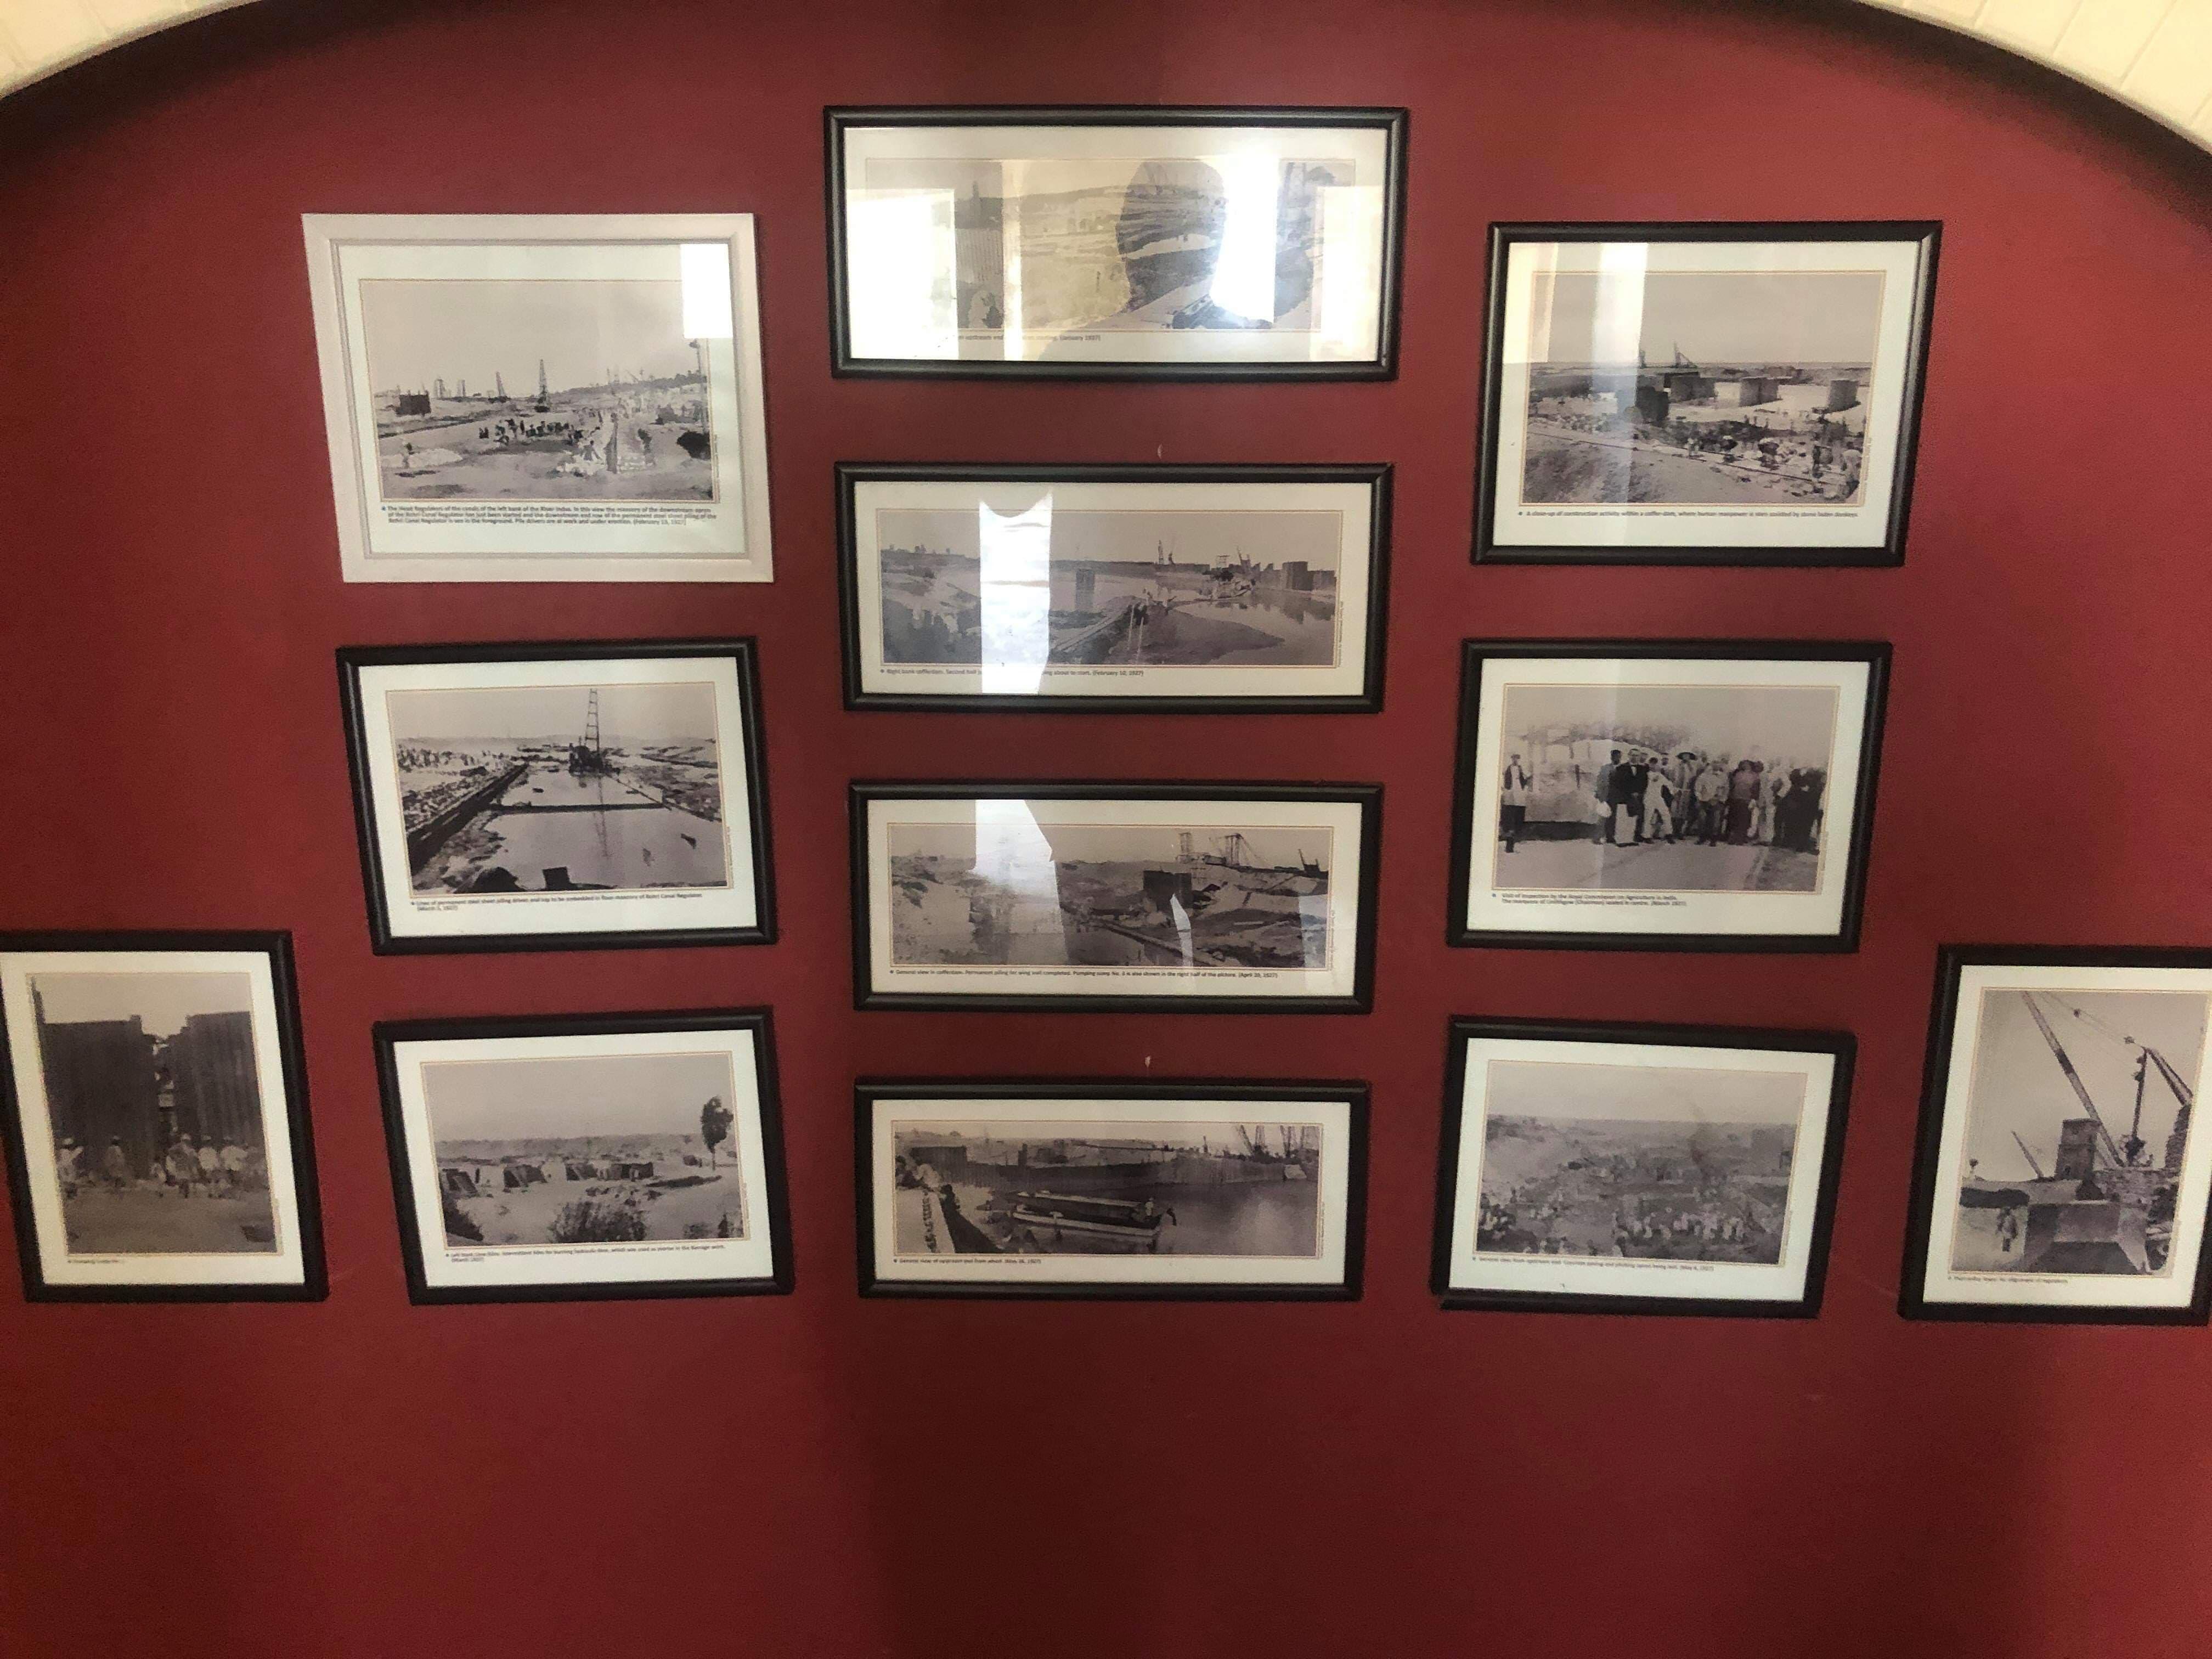 میوزیم میں آویزاں تصاویر—تصویر ابراہیم کنبھر